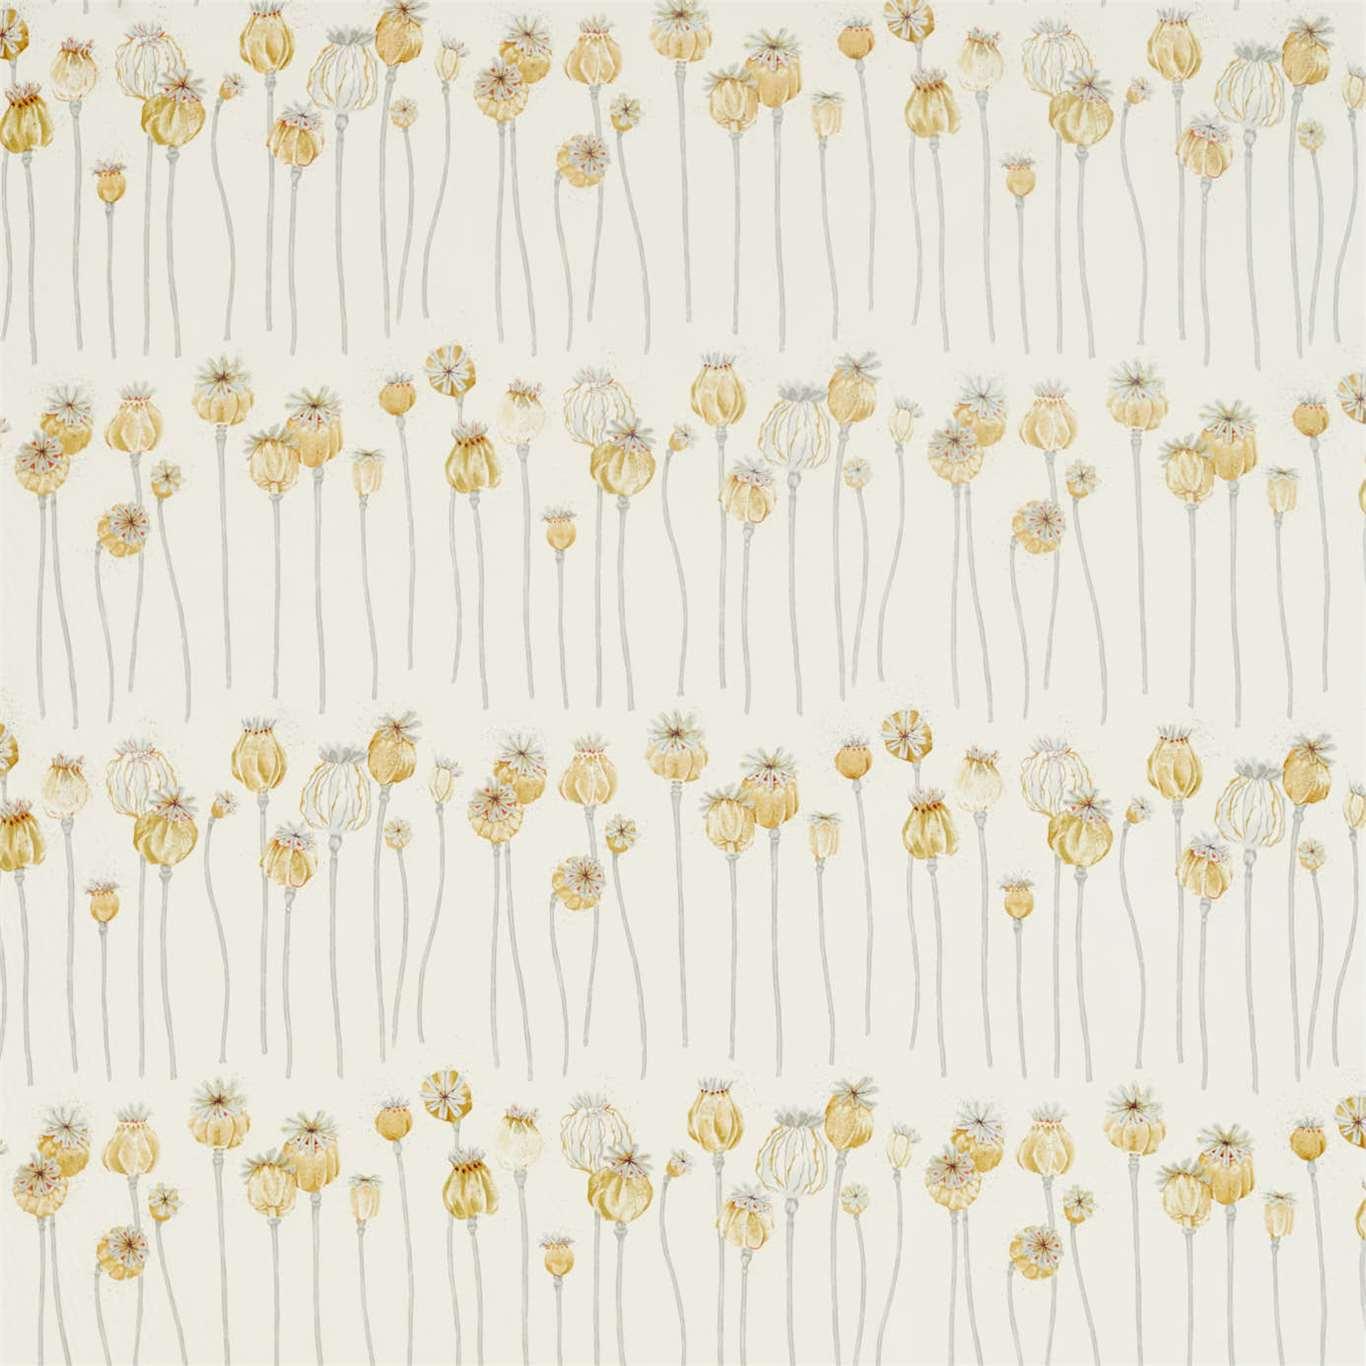 Poppy Pods by SAN